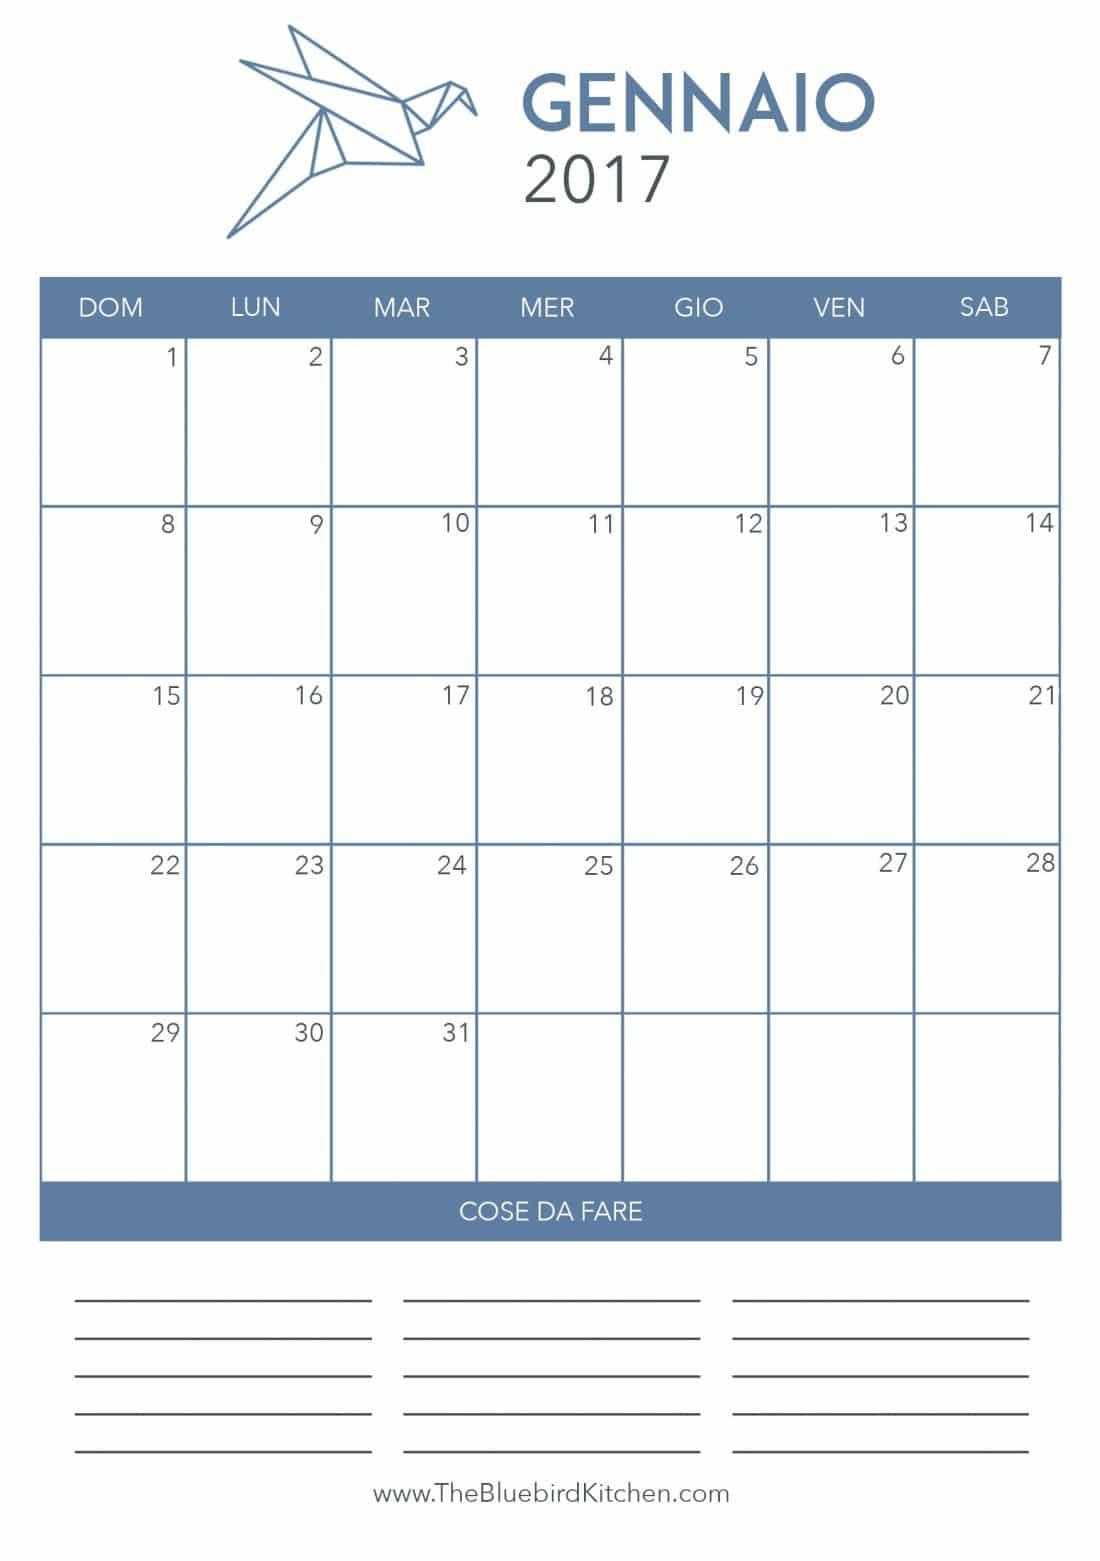 Calendario Gennaio.Calendario Gennaio 2017 The Bluebird Kitchen Food